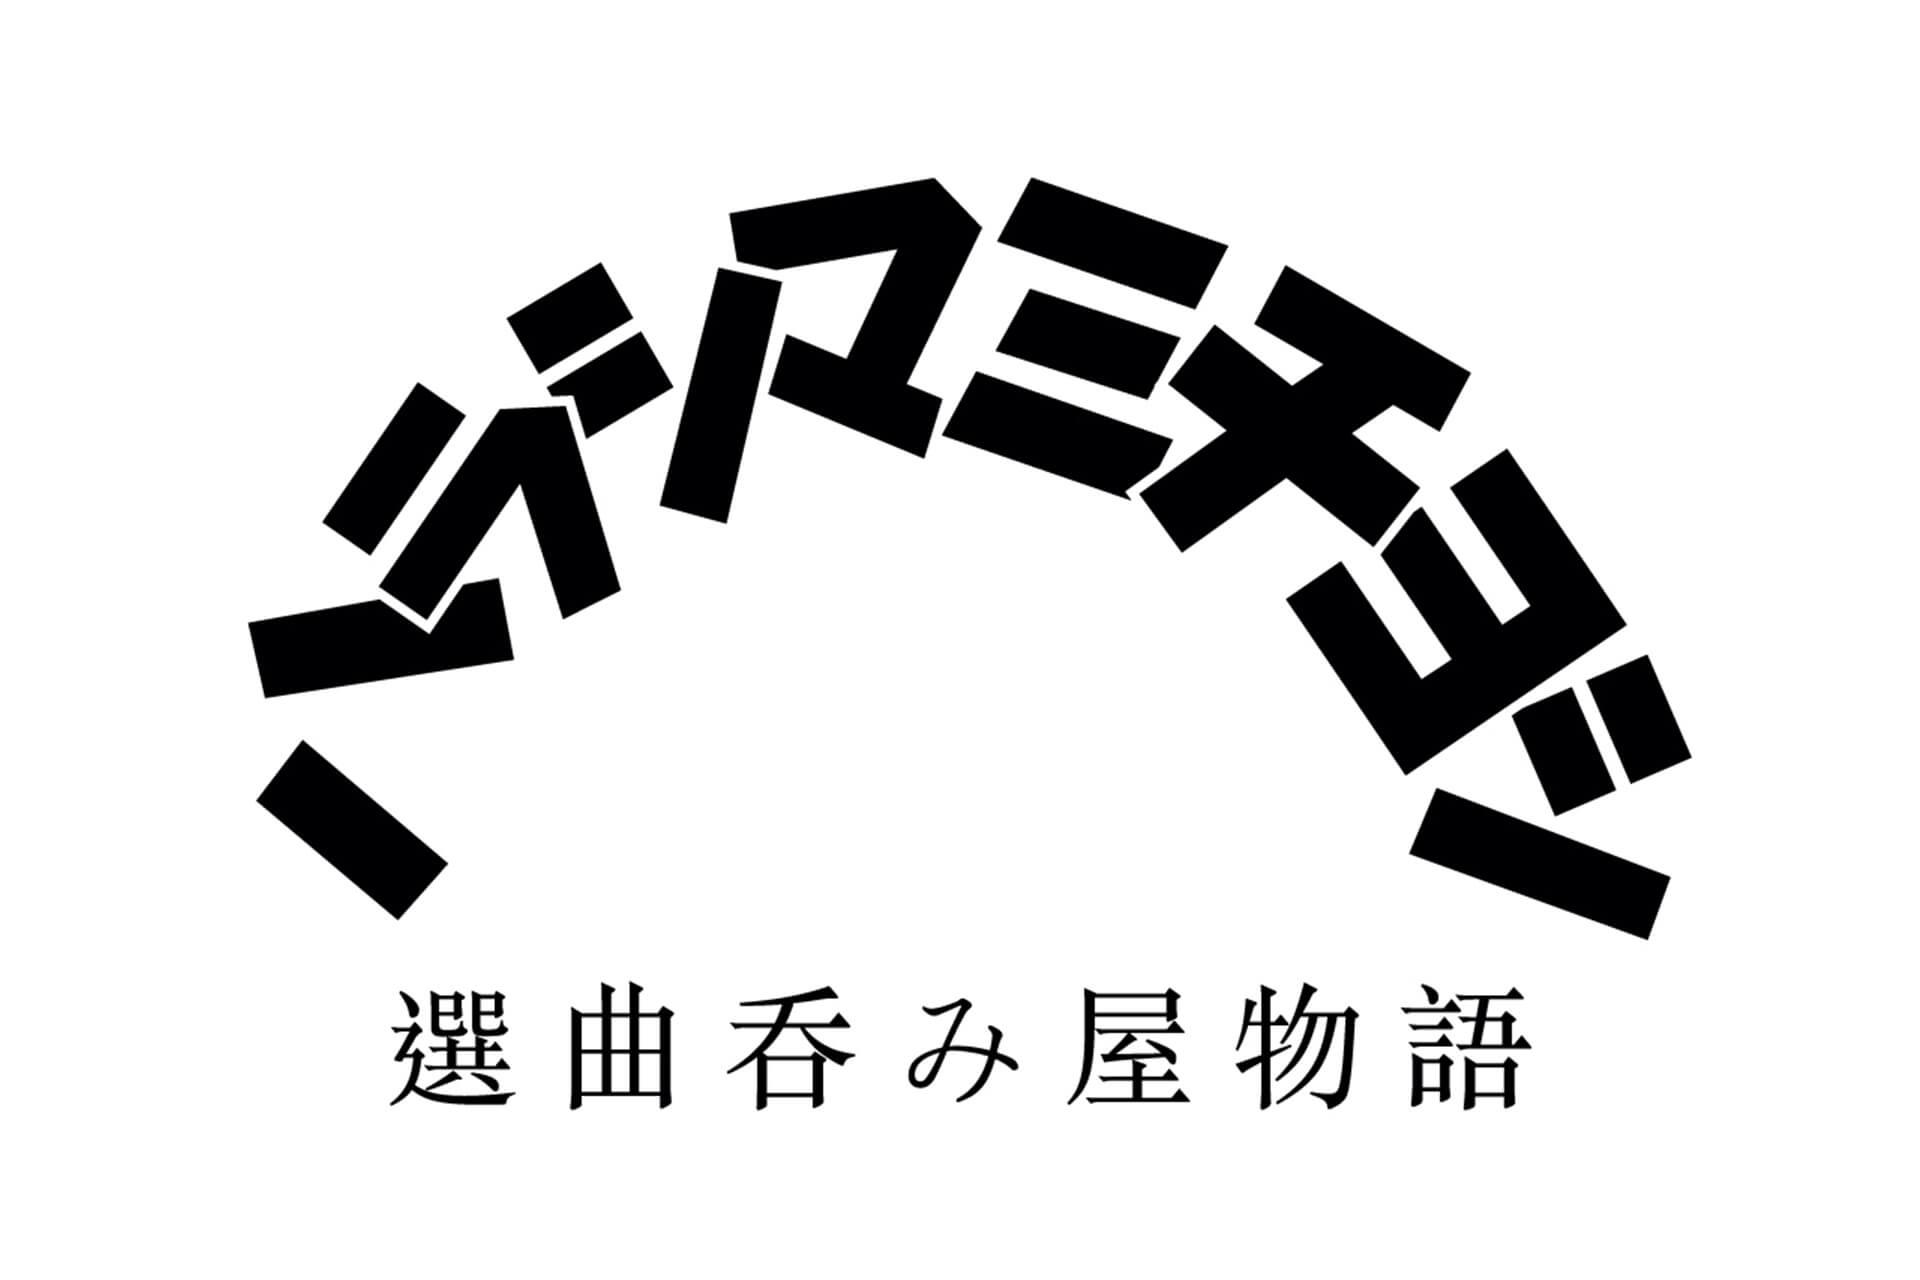 """酒場から世界へ生配信──「原島""""ど真ん中""""宙芳の選曲呑み屋物語」がスタート senkyokunomiyamonogatari"""